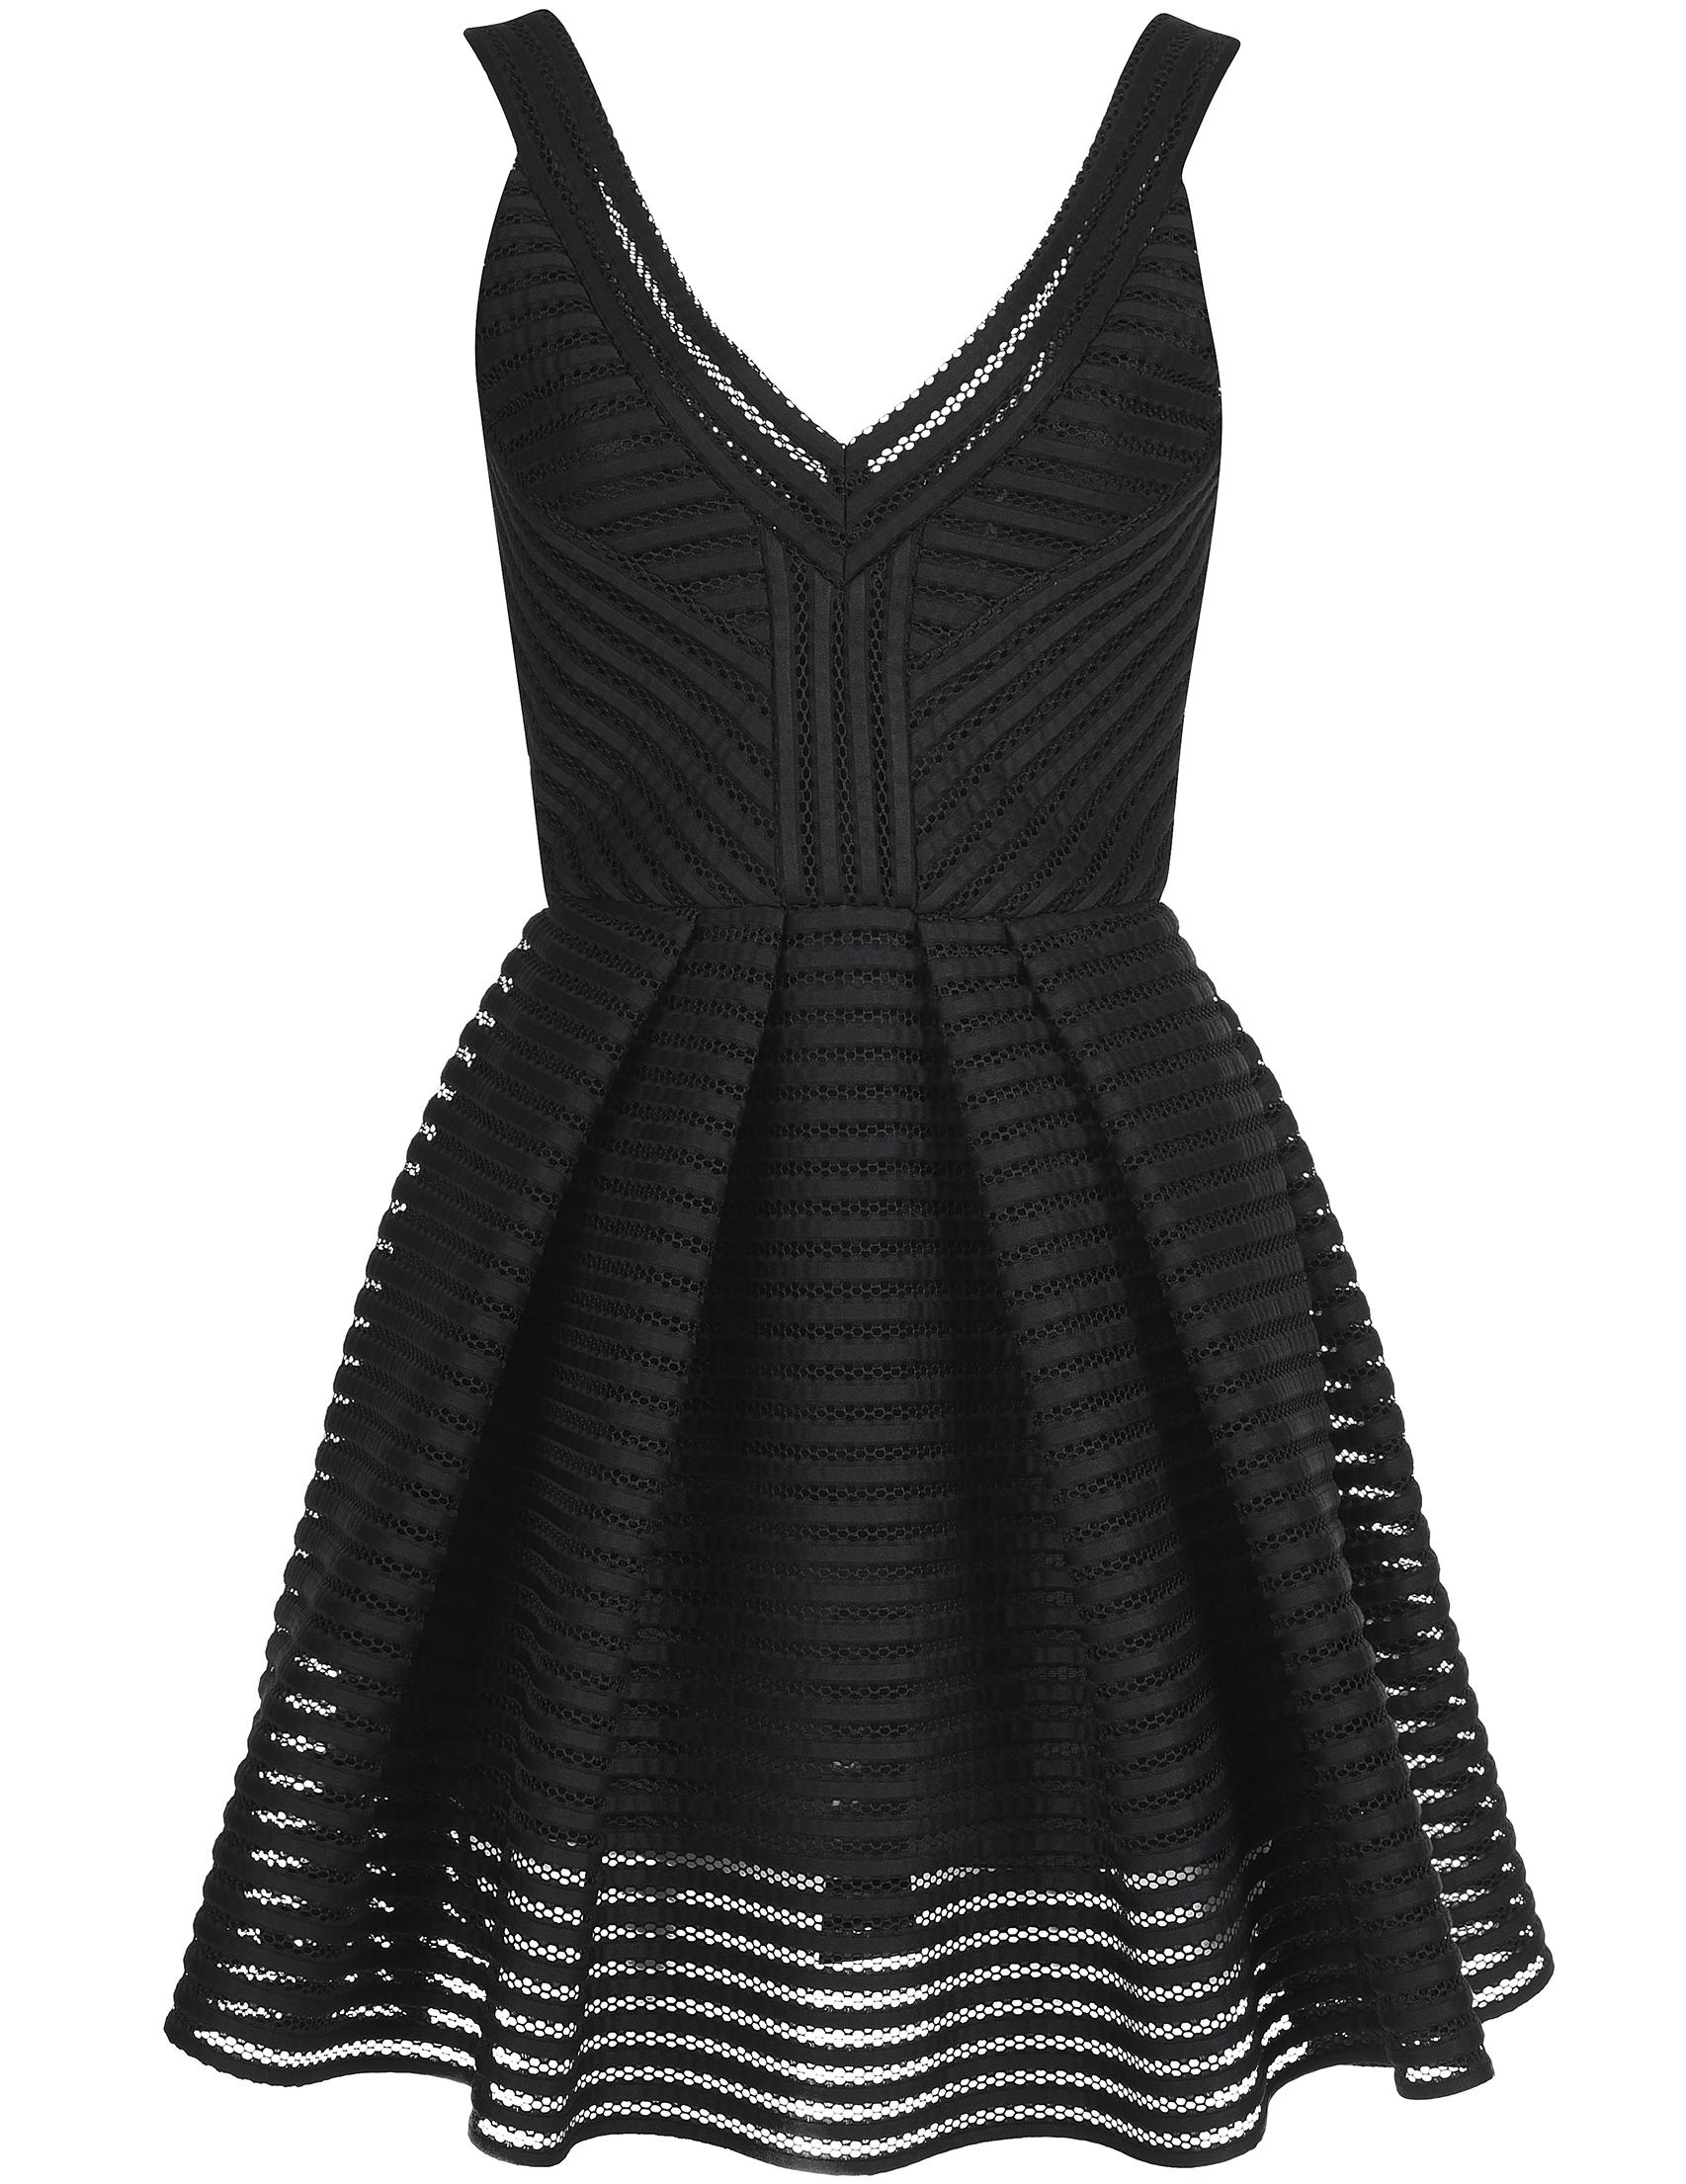 Купить Платье, PHILIPP PLEIN, Черный, 100%Полиэстер, Осень-Зима